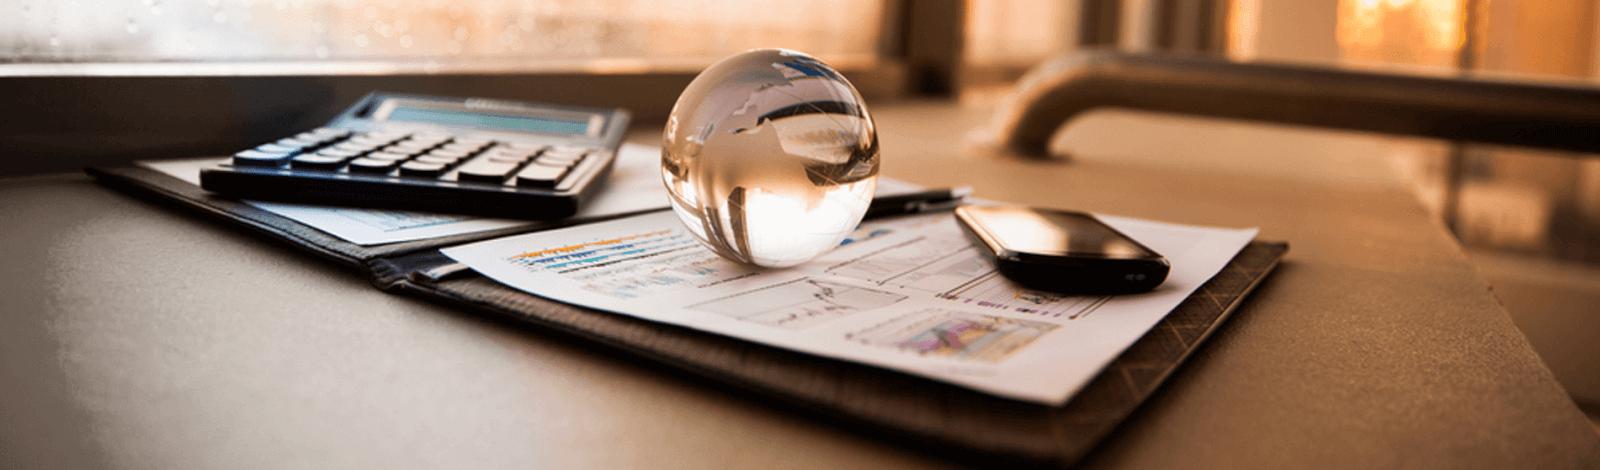 Kalkulator, teczka, szklana kula i telefon w biurze księgowym